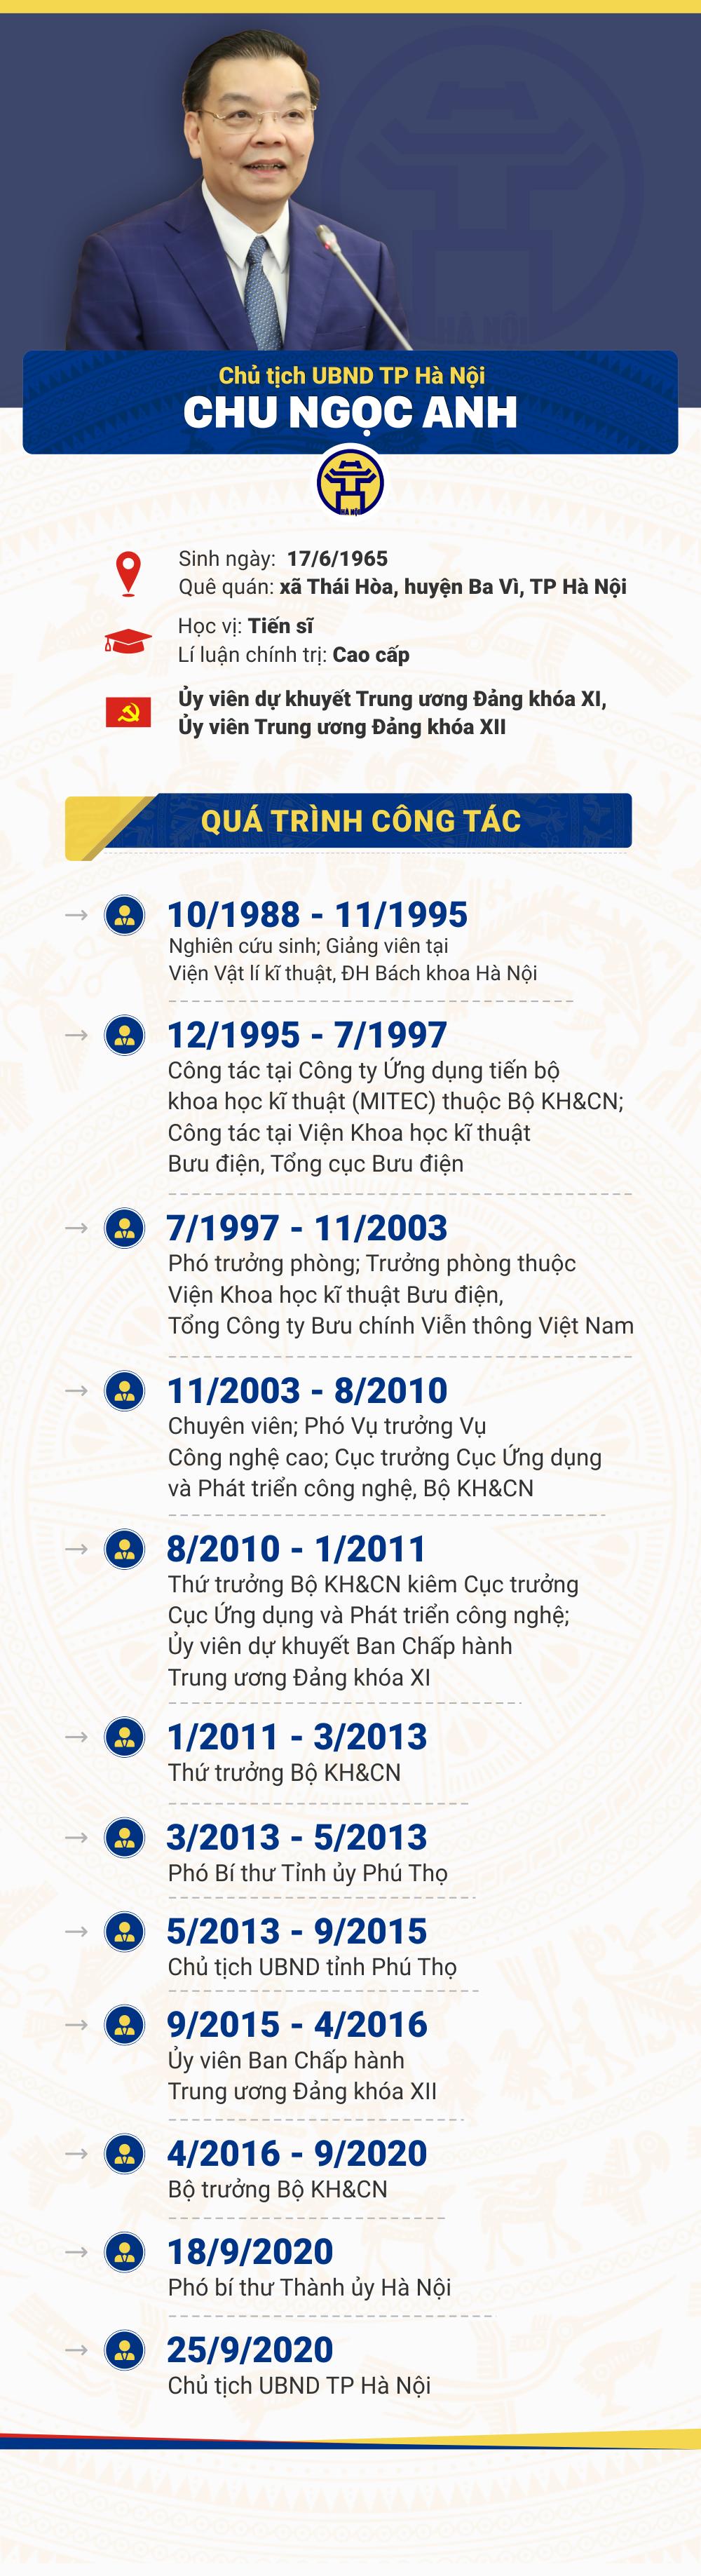 Chân dung tân Chủ tịch UBND TP Hà Nội Chu Ngọc Anh - Ảnh 1.